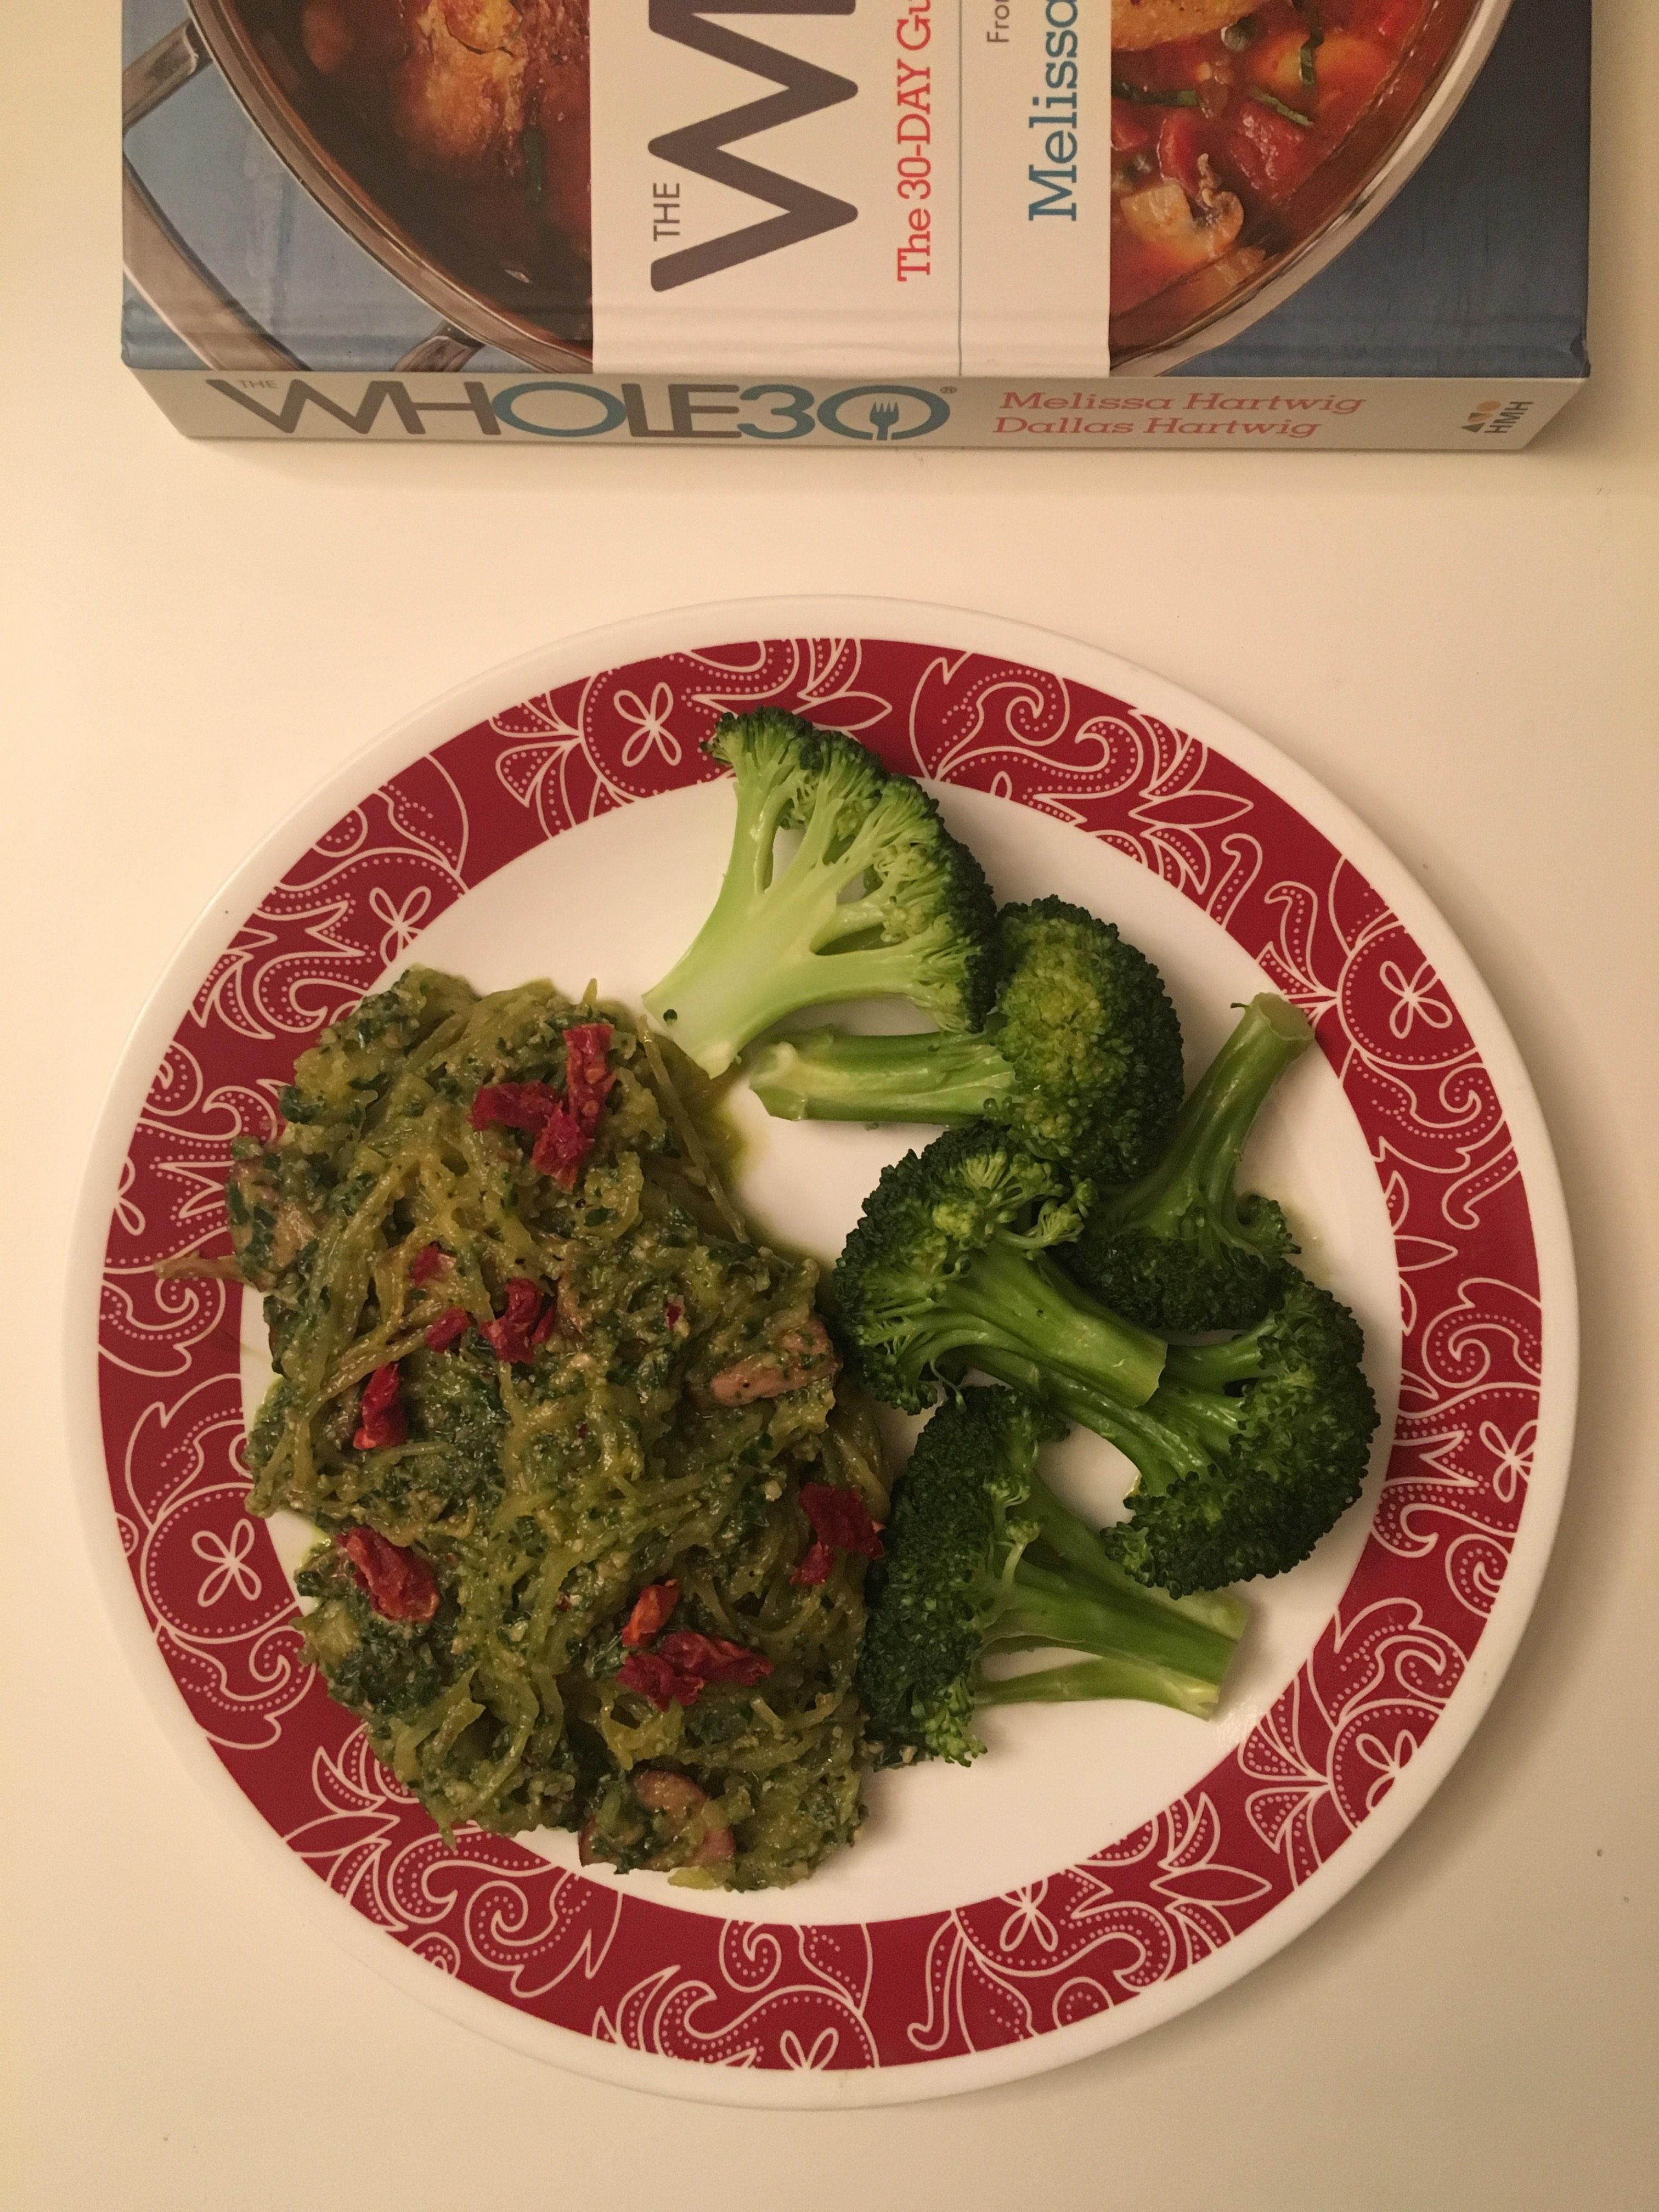 Whole 30 Book Recipe: Pesto Spaghetti Squash